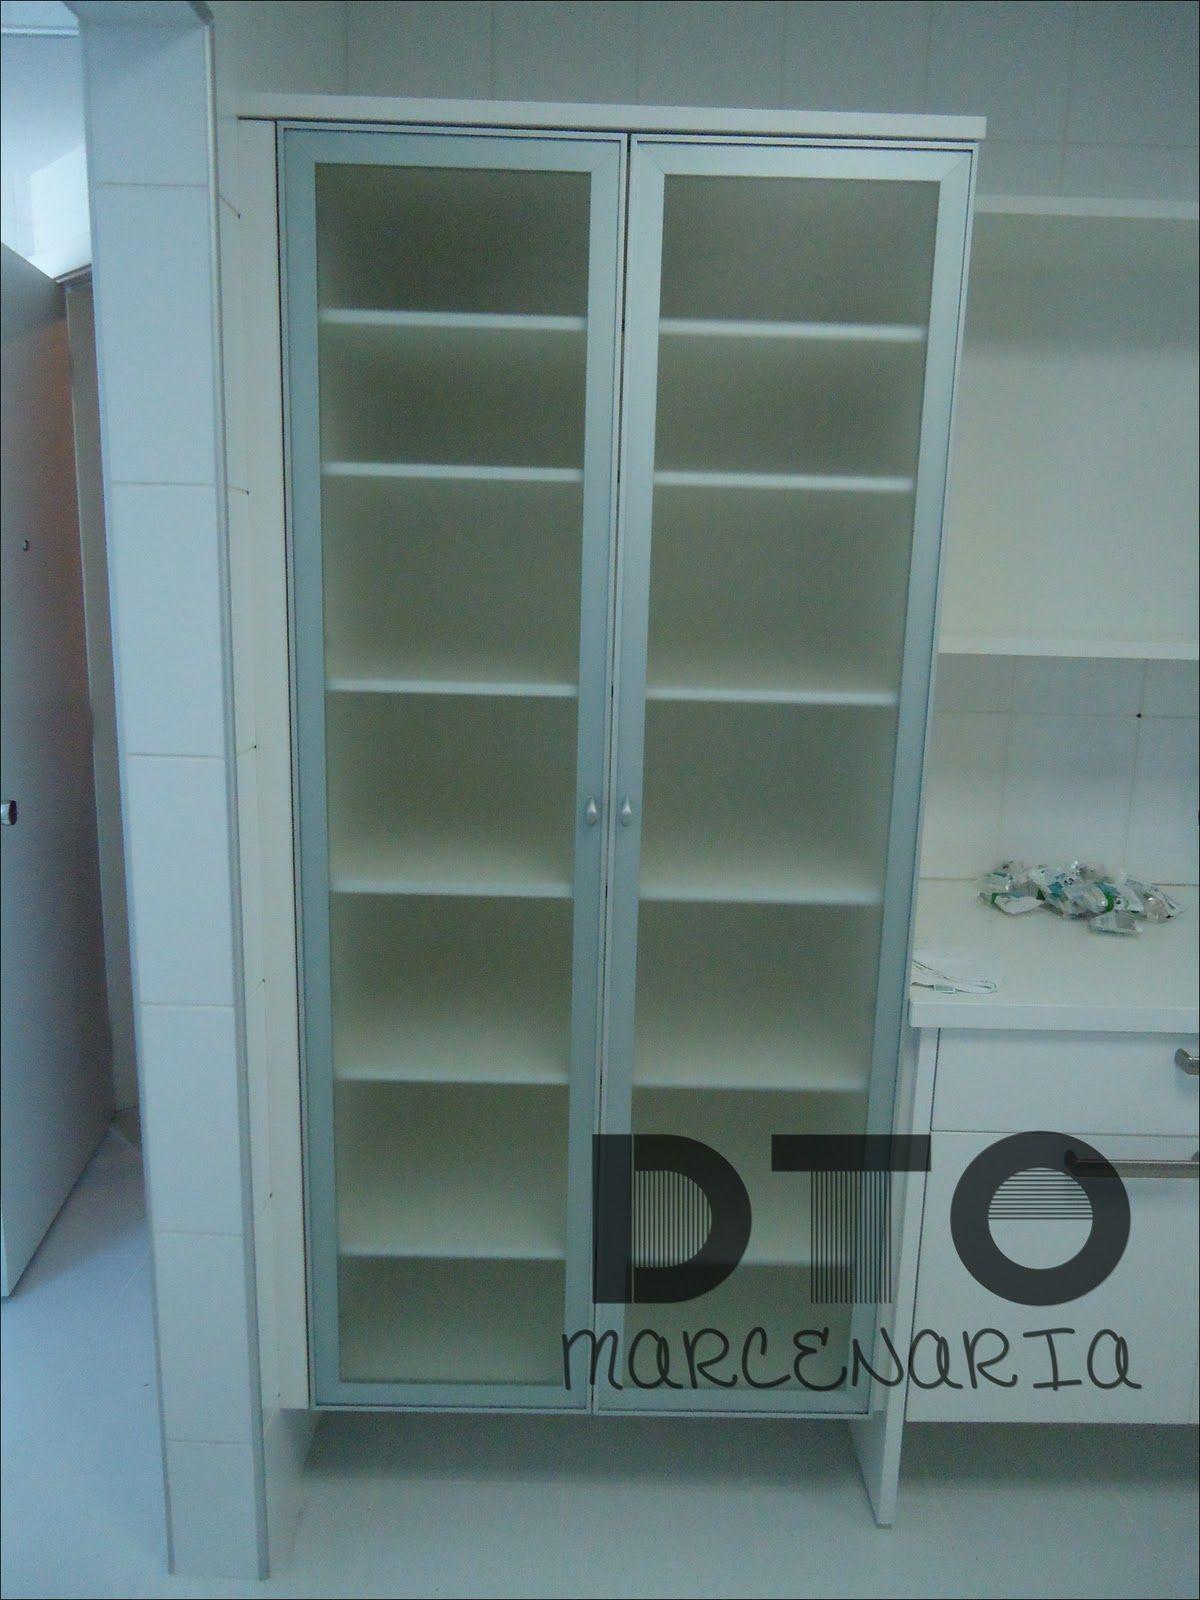 Armario Da Cozinha Interno Em Mdf Branco Portas Em Aluminio Com